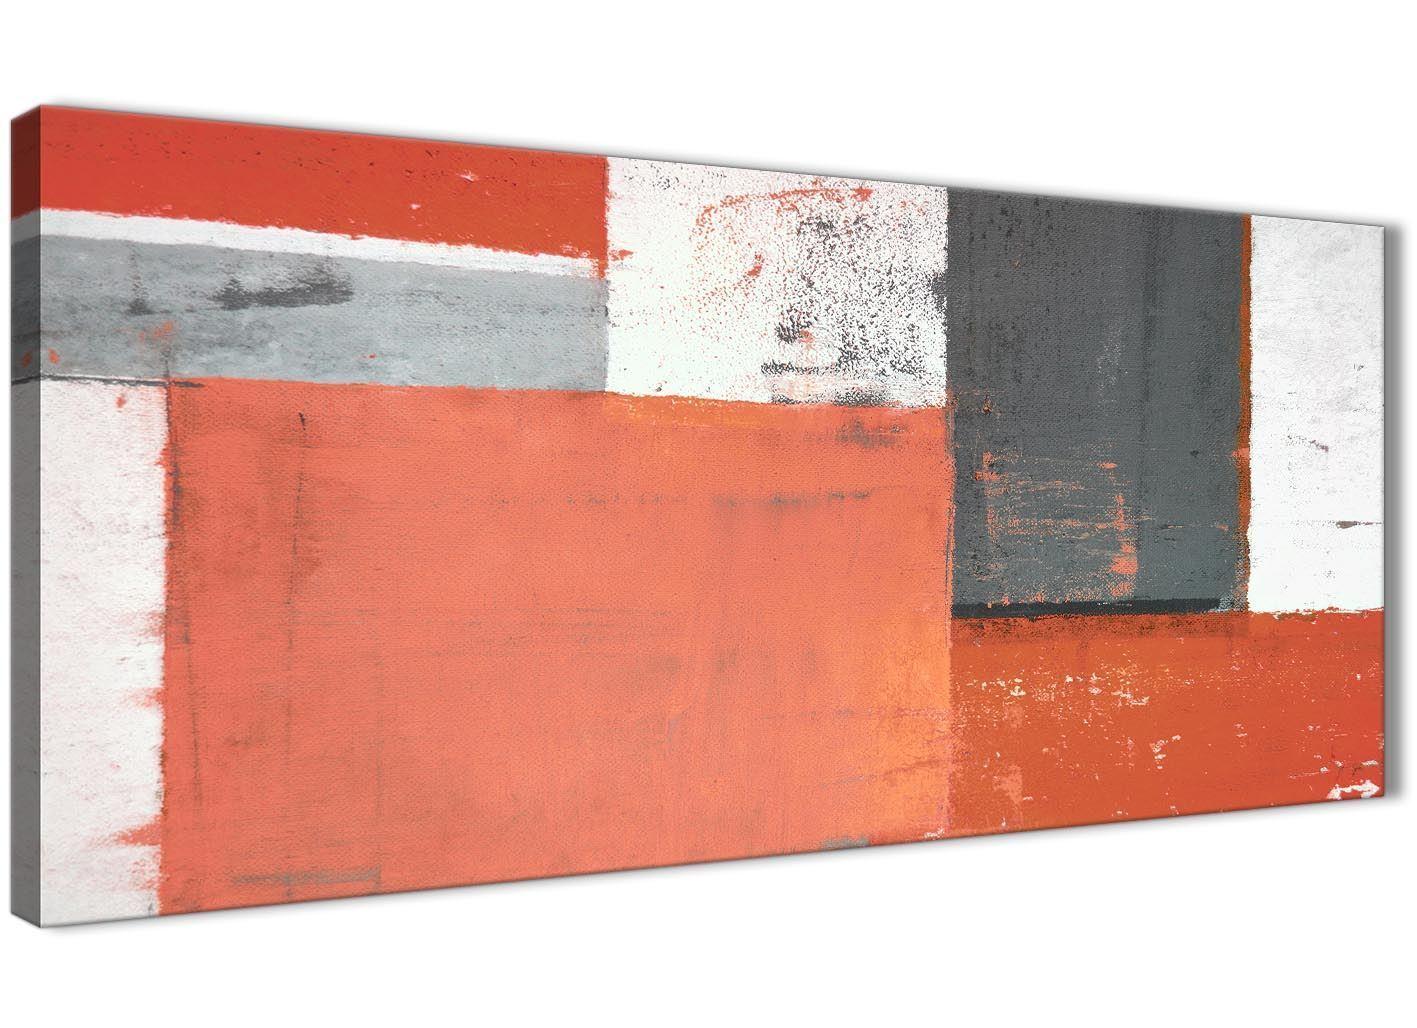 Coral Grigio Pittura Astratta Tela Wall Art Foto-moderno larghezza 120 cm - 1336